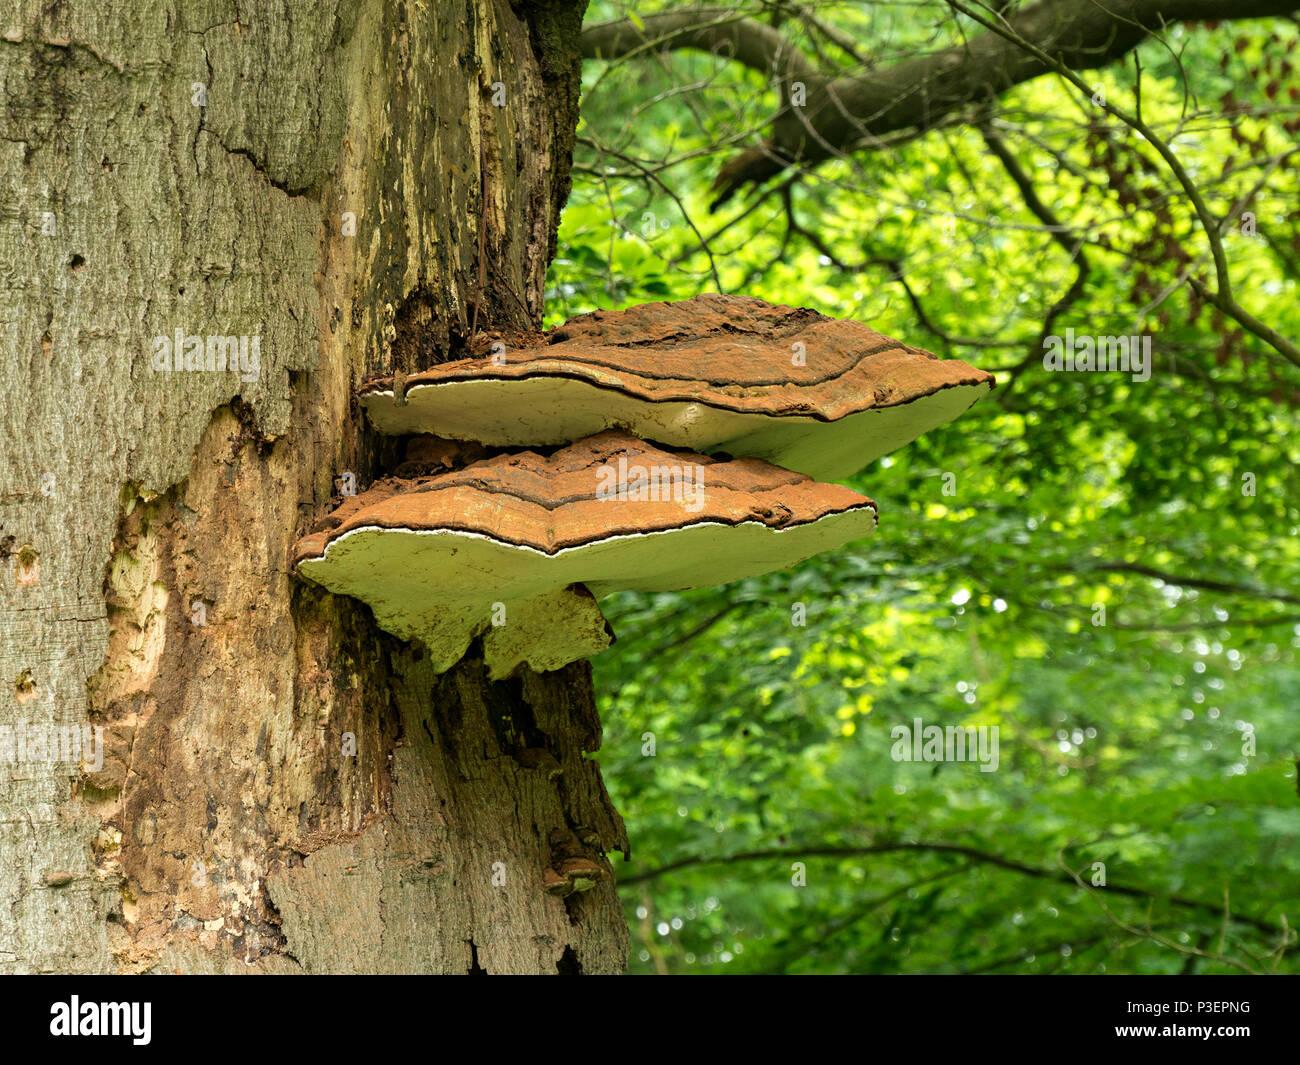 bracket-fungus-growing-on-tree-trunk-P3EPNG.jpg